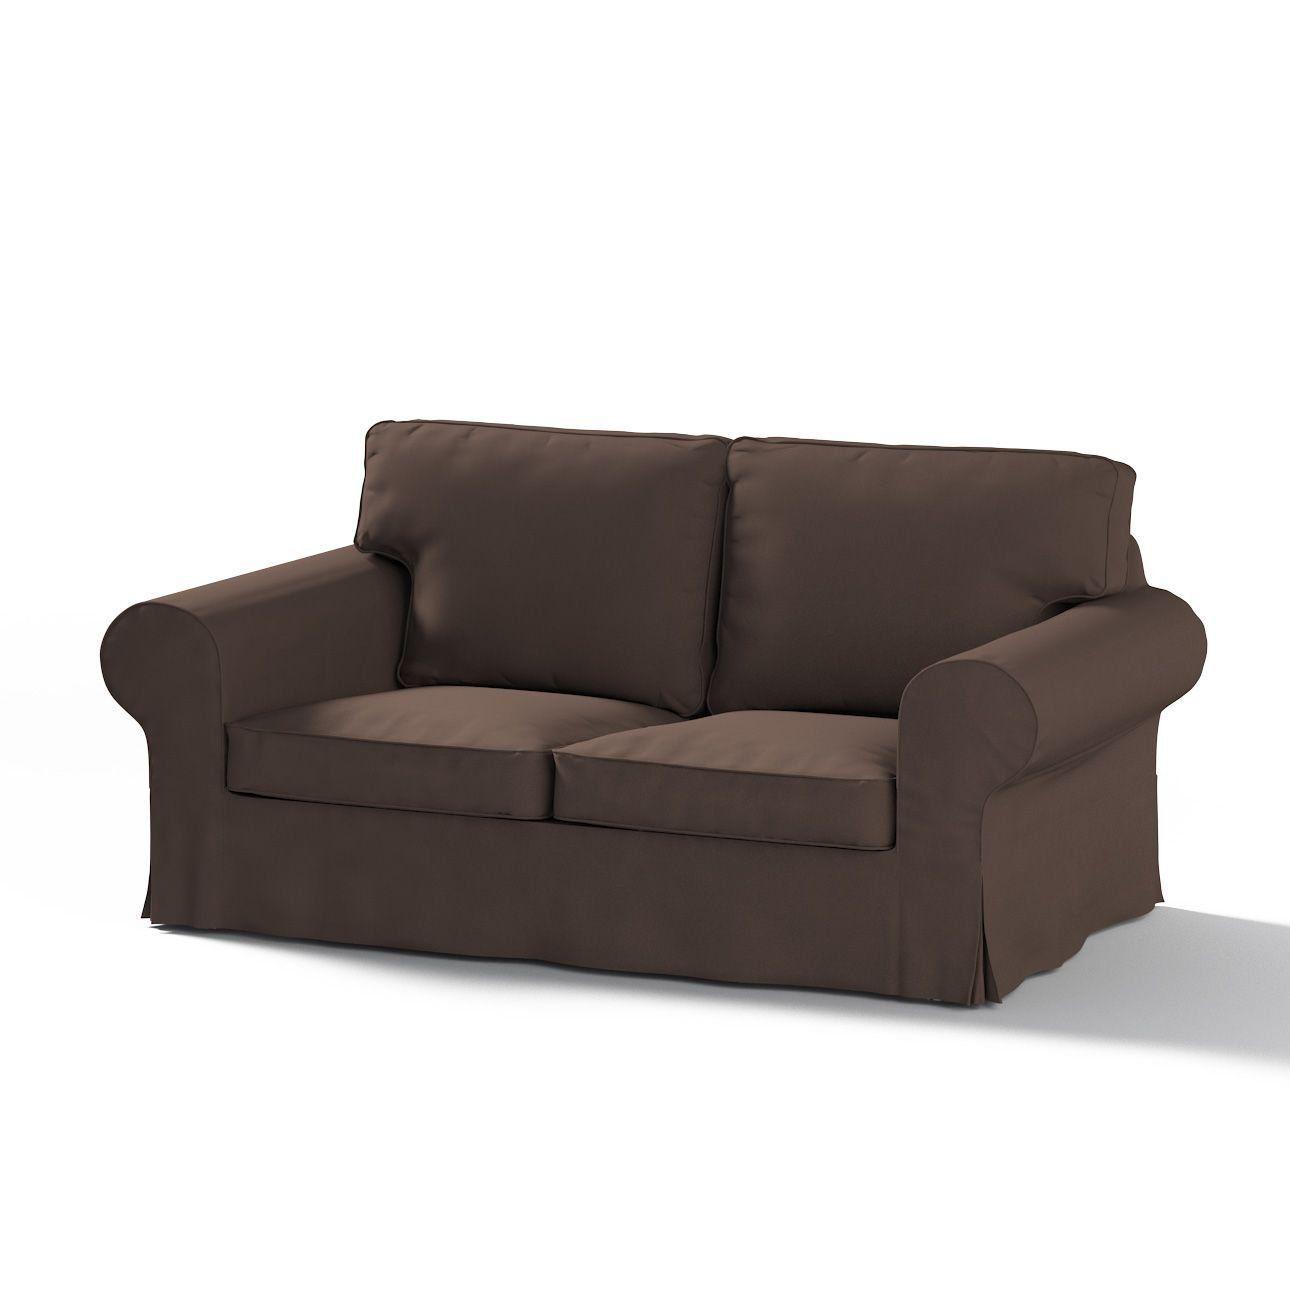 Dekoria Fire Ing Ikea Rp 2 Seater Sofa Cover Chocolate